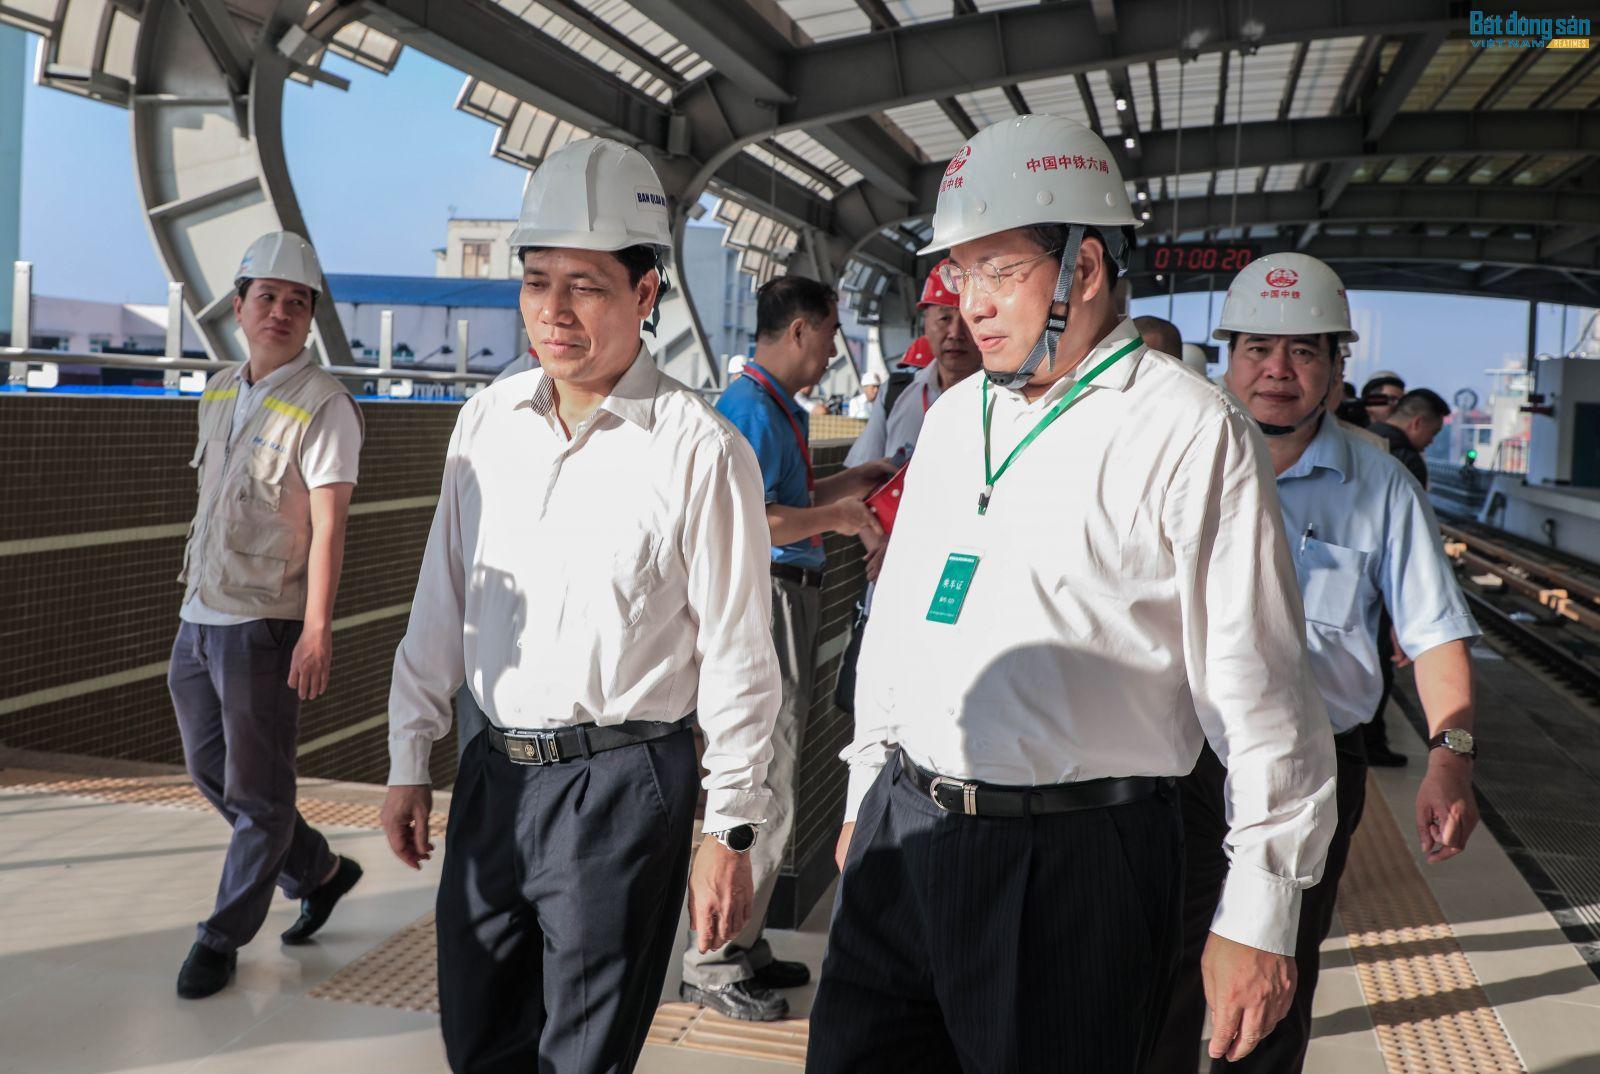 Thứ trưởng Bộ GTVT Nguyễn Ngọc Đông cùng tổng thầu Trung Quốc có mặt từ sớm.